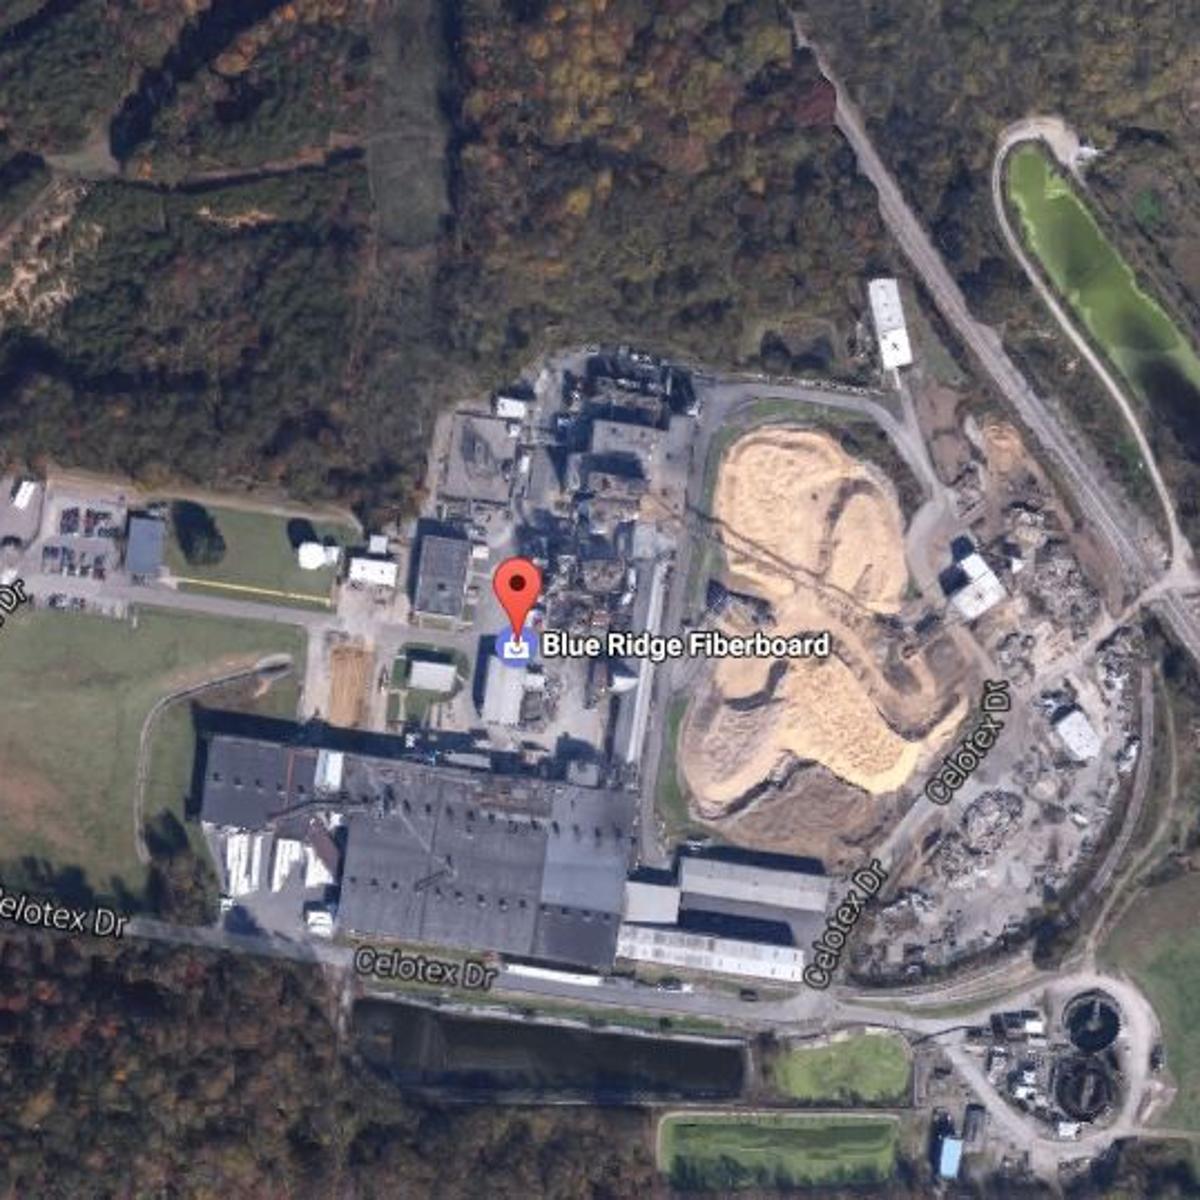 Blue Ridge Fiberboard to invest $2M in Danville plant